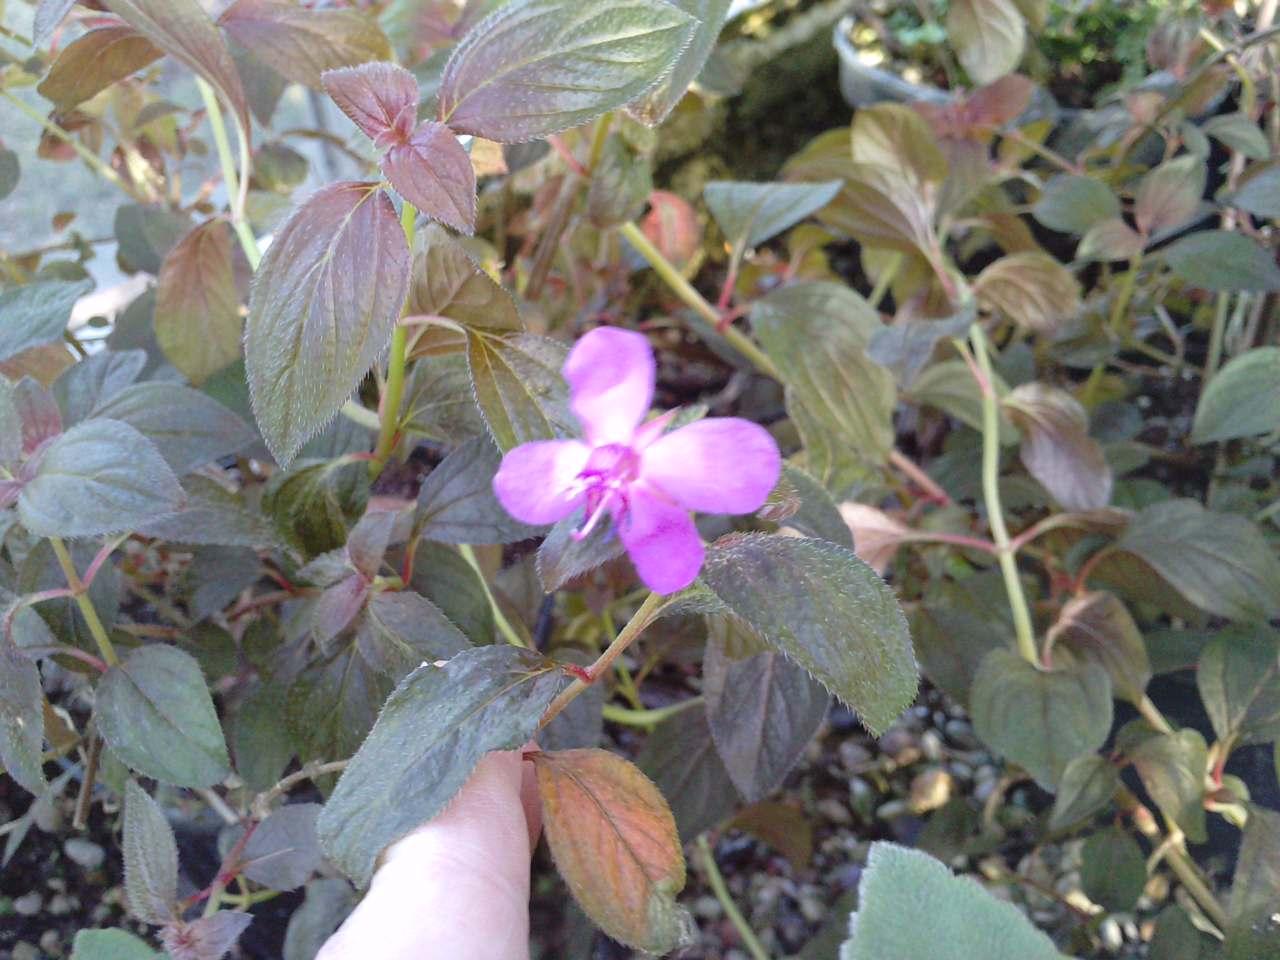 Qu'est ce que c'est que cet arbuste ??? [Centradenia floribunda] 703183P16011213530002